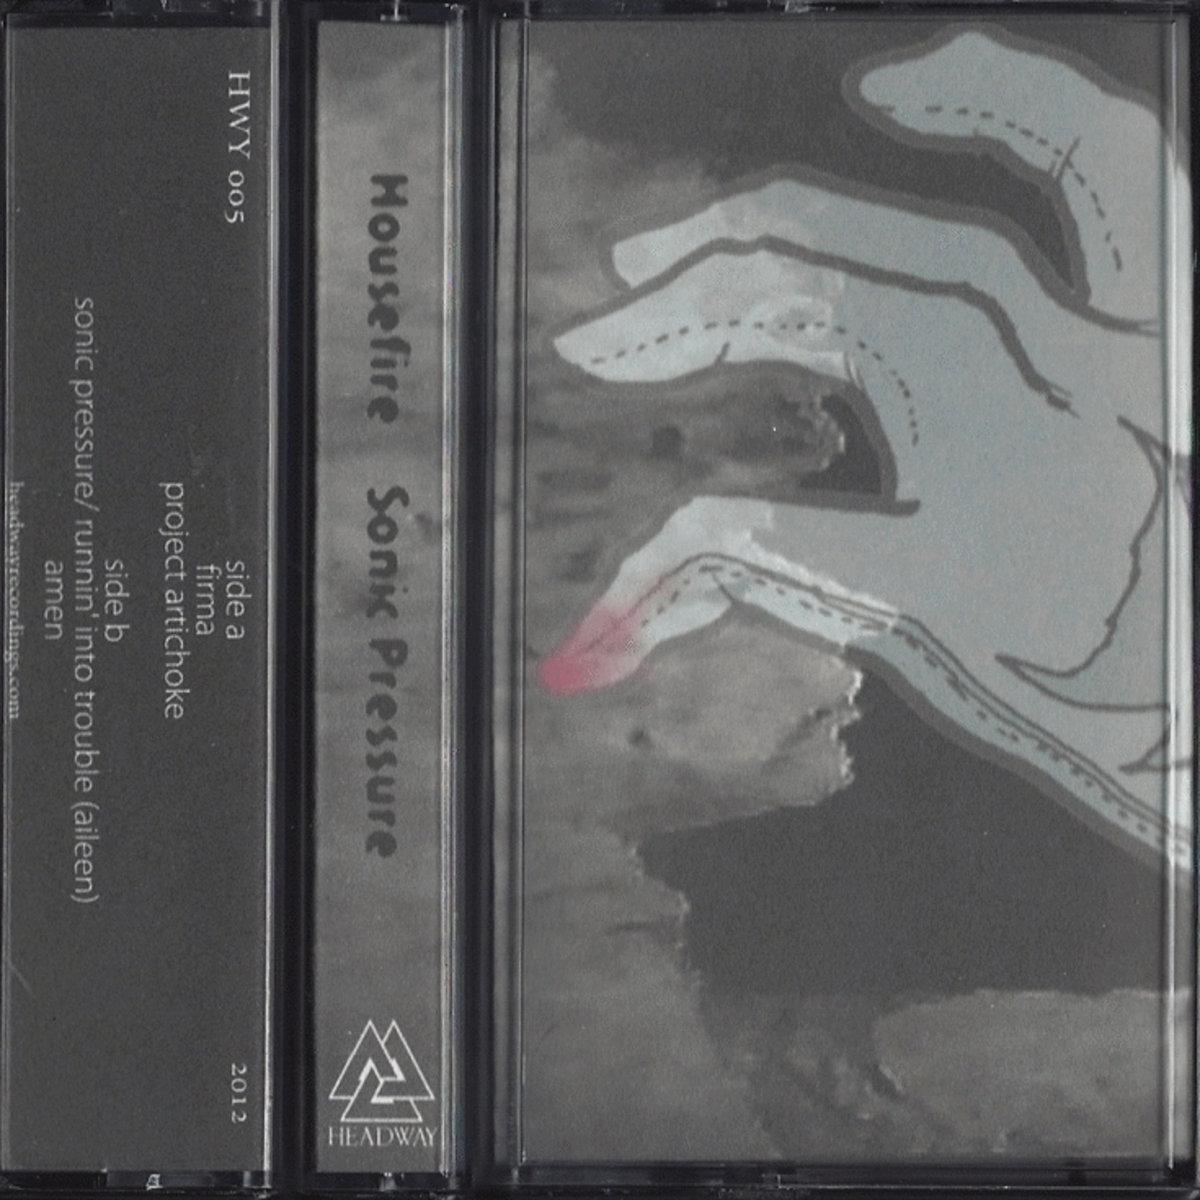 Project Artichoke | Headway Recordings